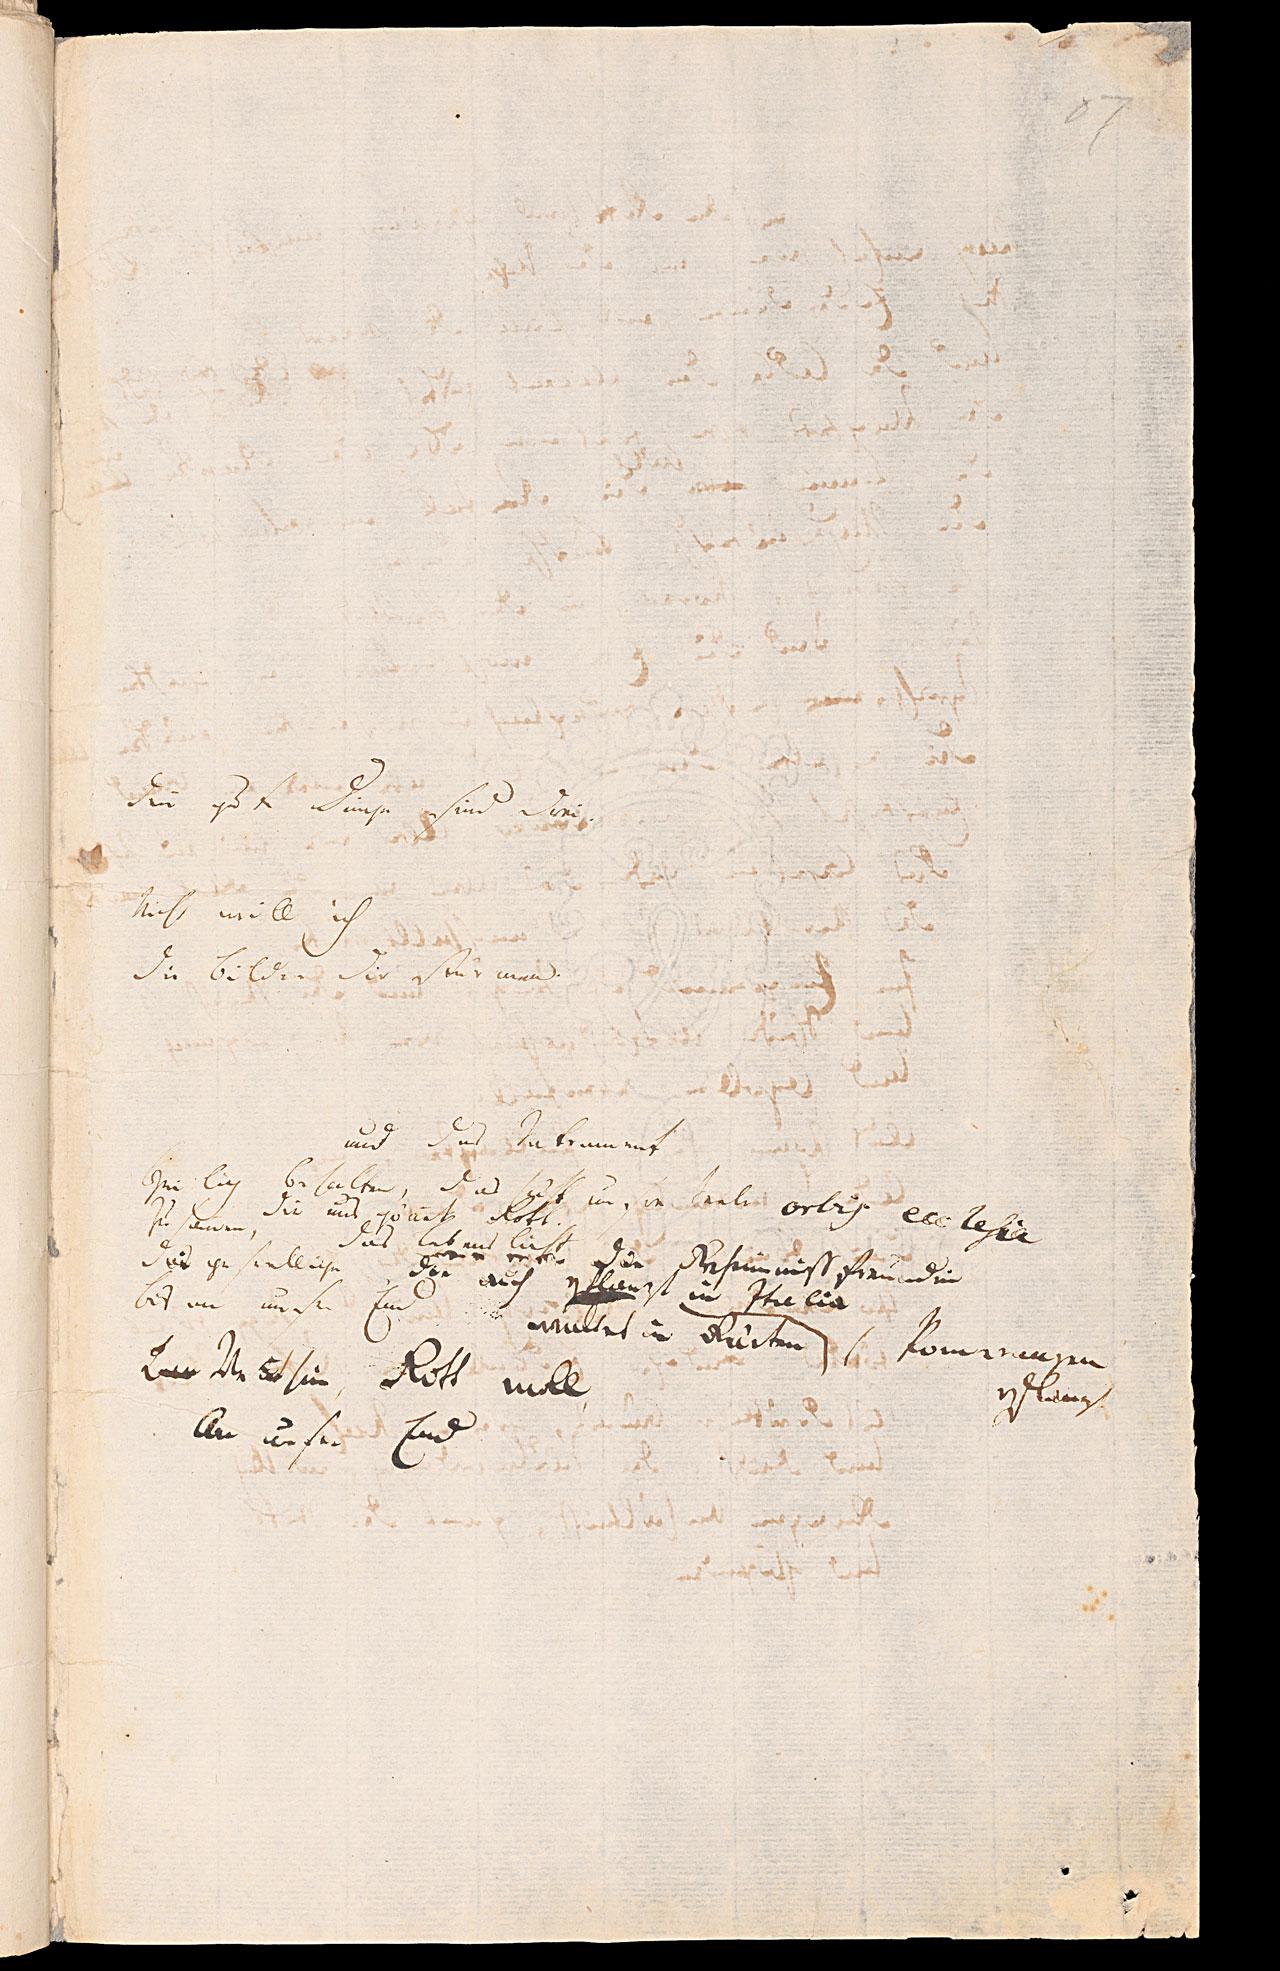 Friedrich Hölderlin, Homburger Folioheft, Seite 87, Denn gute Dinge sind drei…, Handschrift